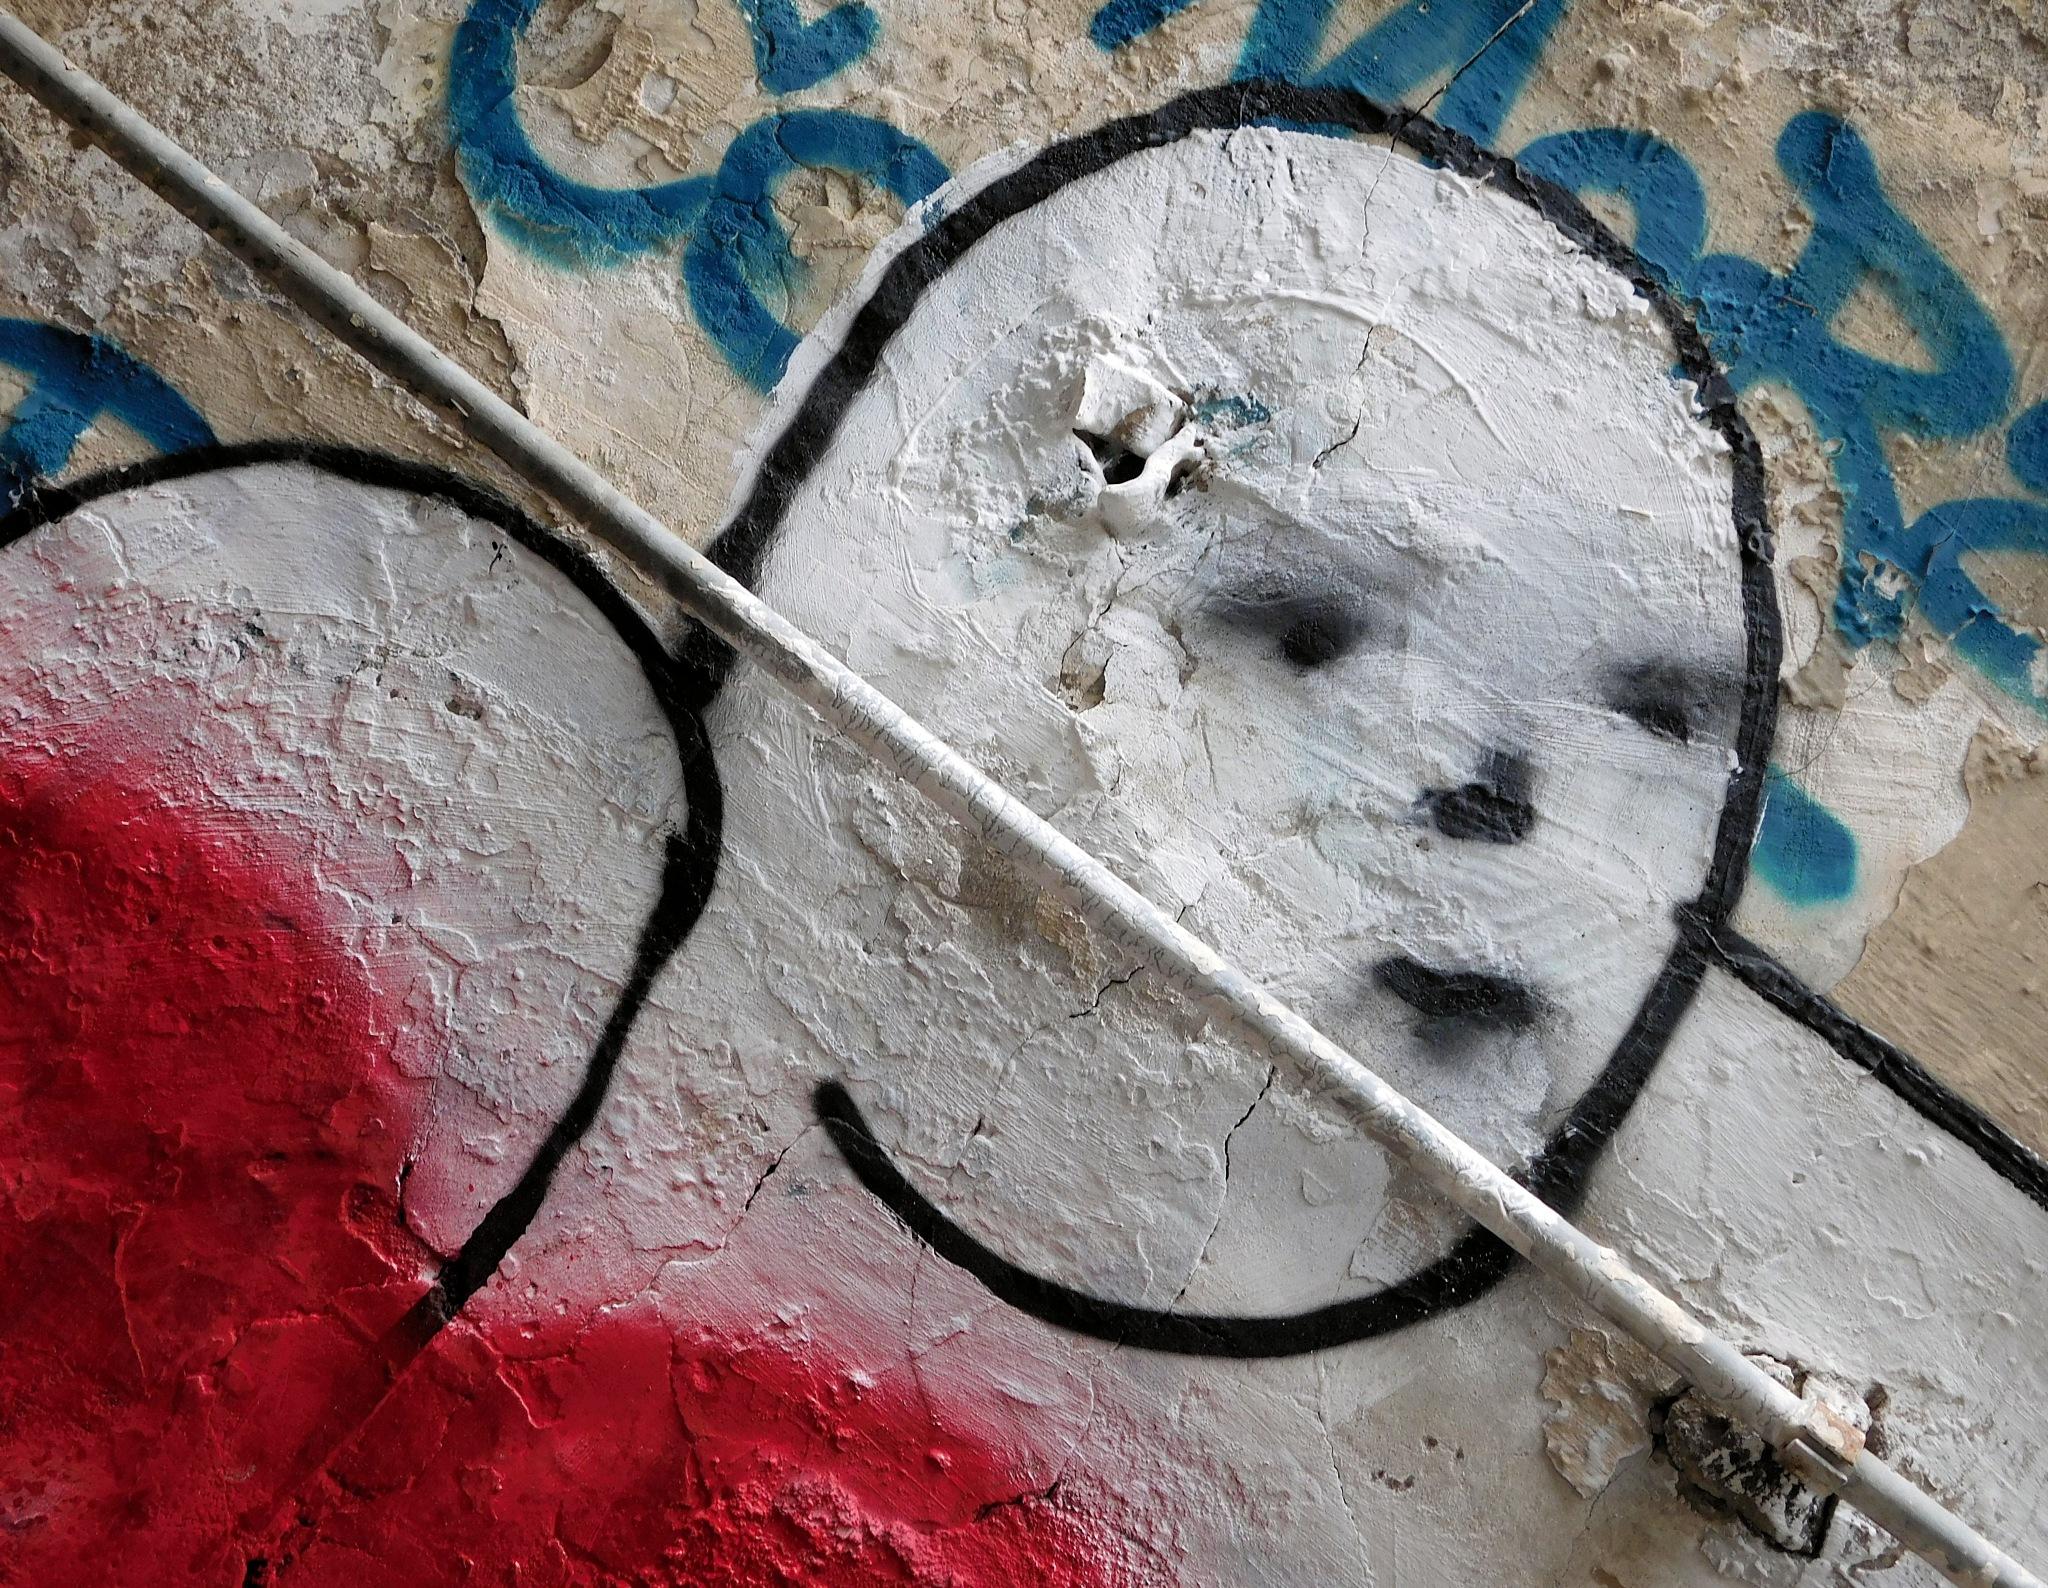 Naples Street Art - Just a Good Fellow by Arnaldo De Lisio